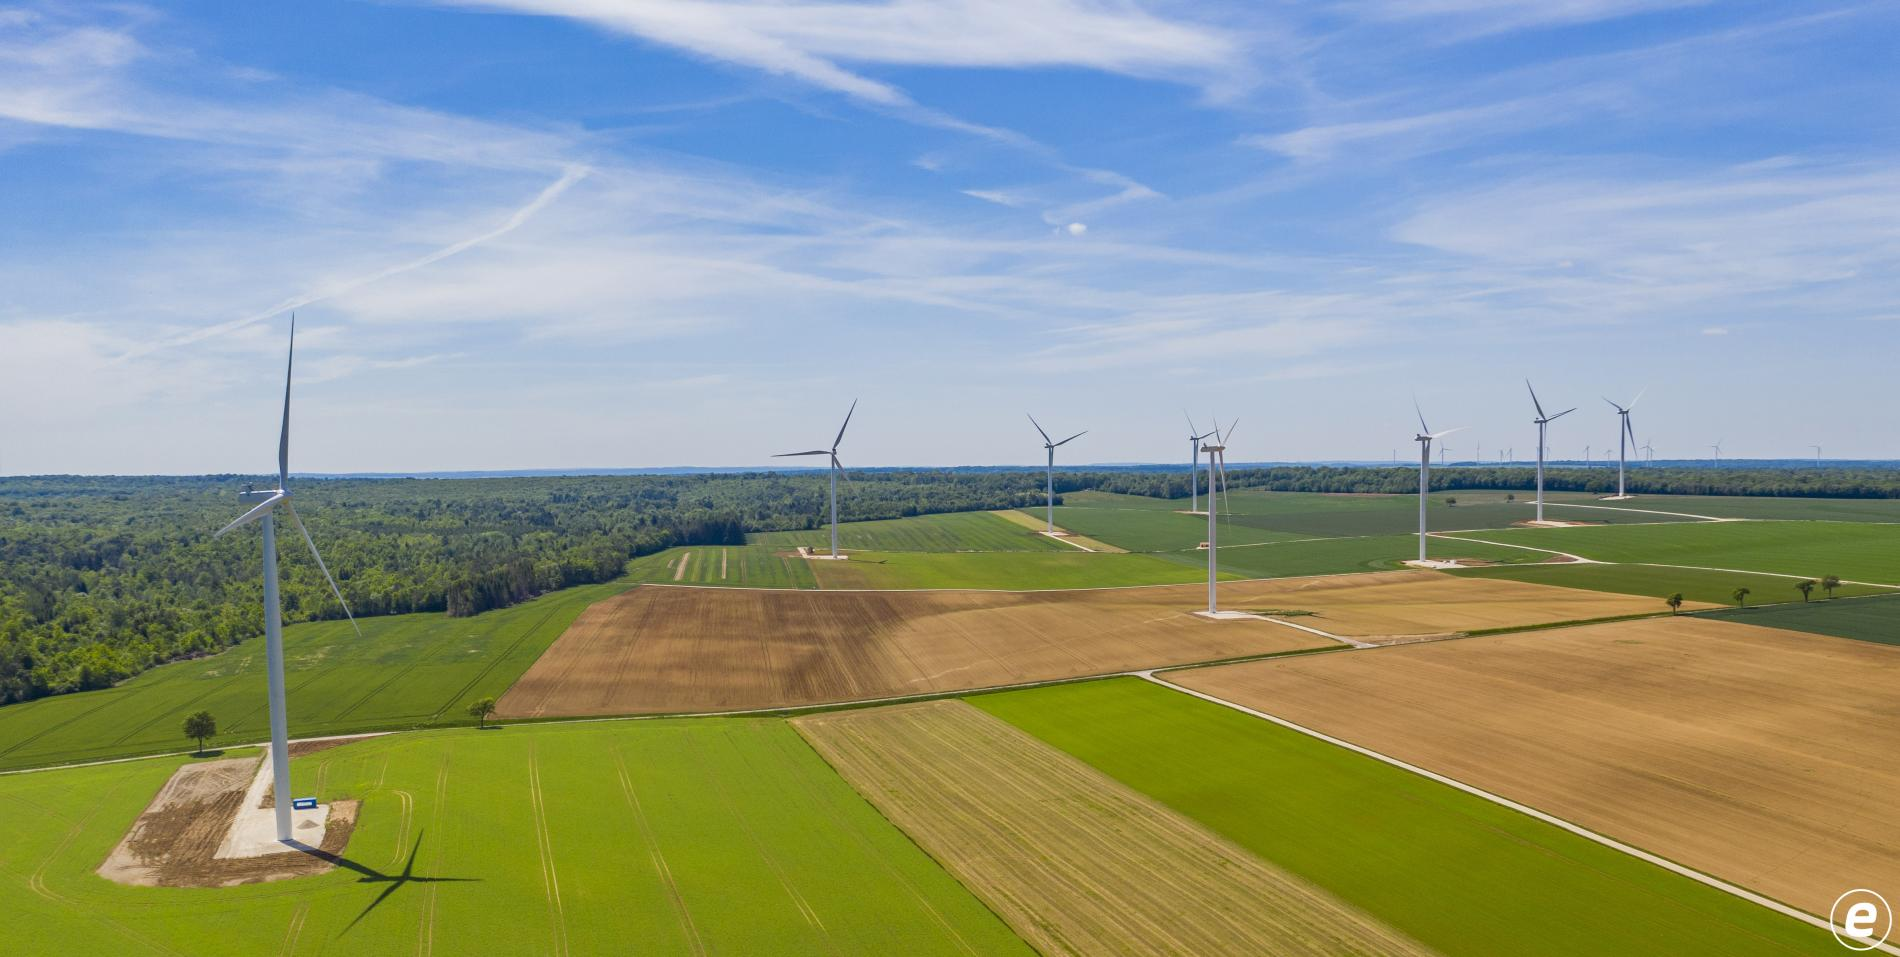 Résultats de la 7ème tranche de l'appel d'offre éolien terrestre français